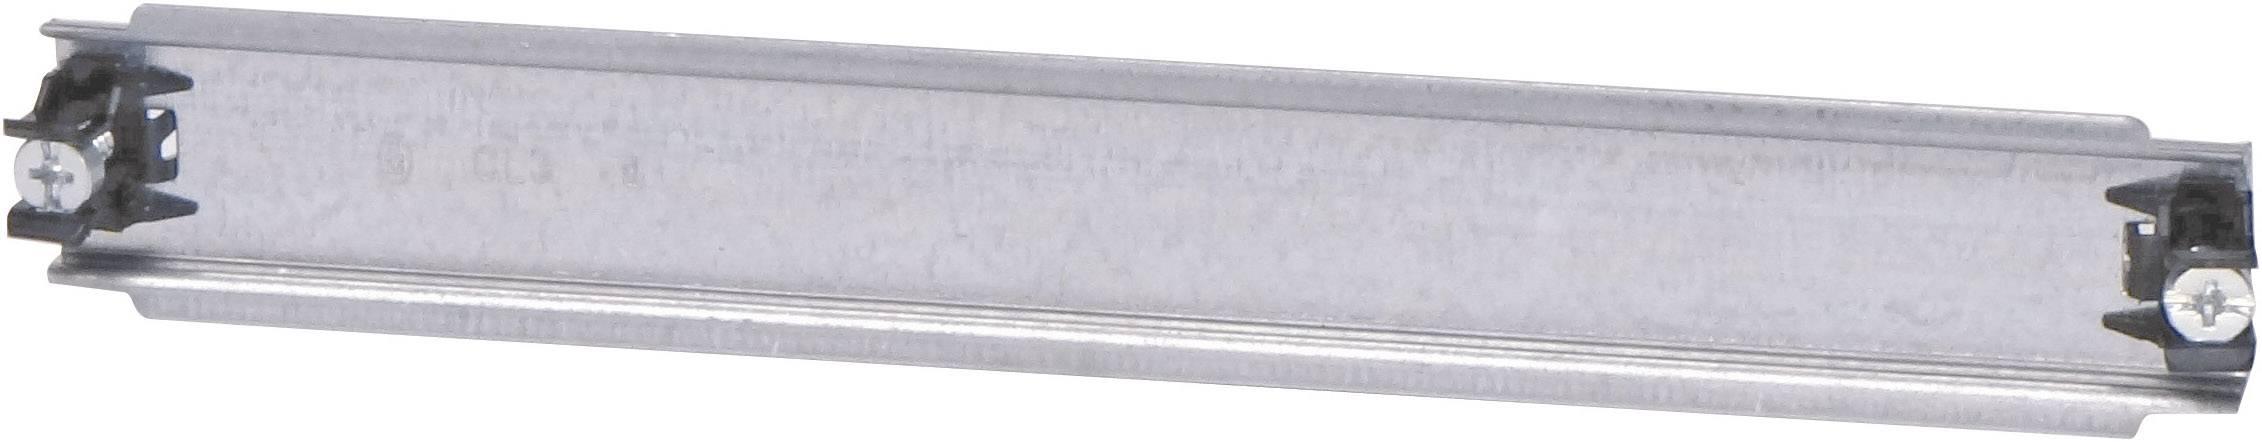 Kolejnice Eaton CL3, 250 mm, ocelový plech, 1 ks